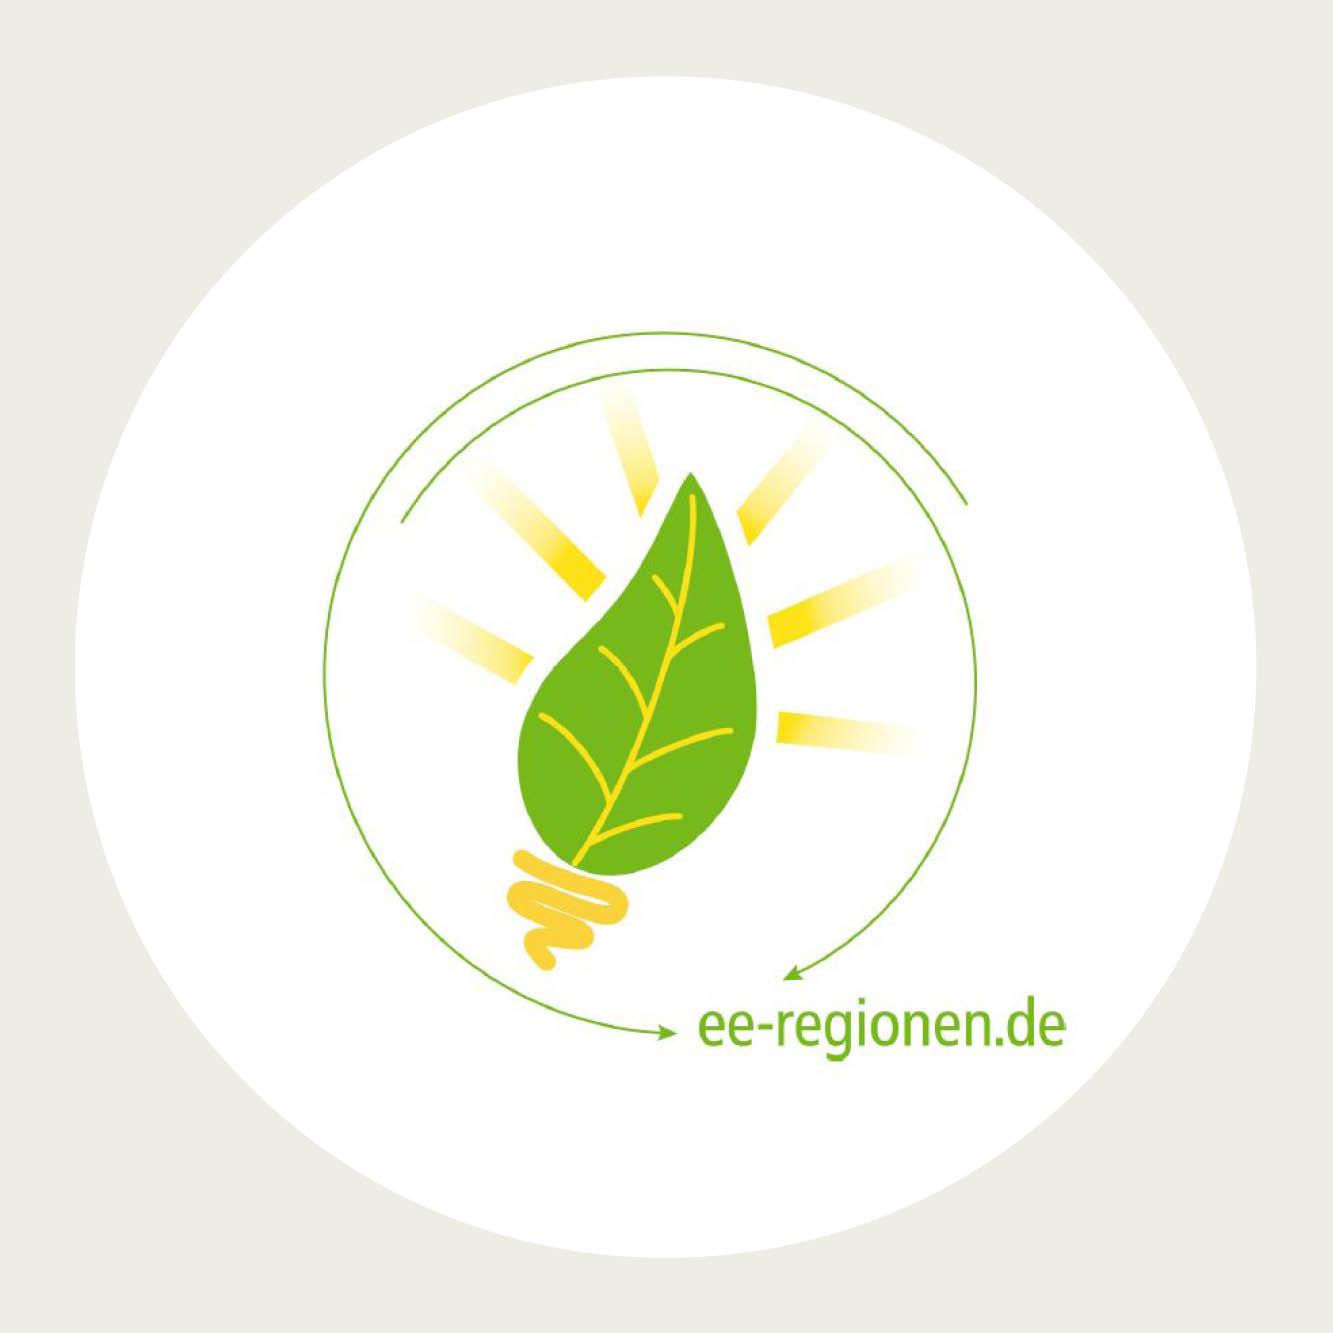 Logo eeRegionen